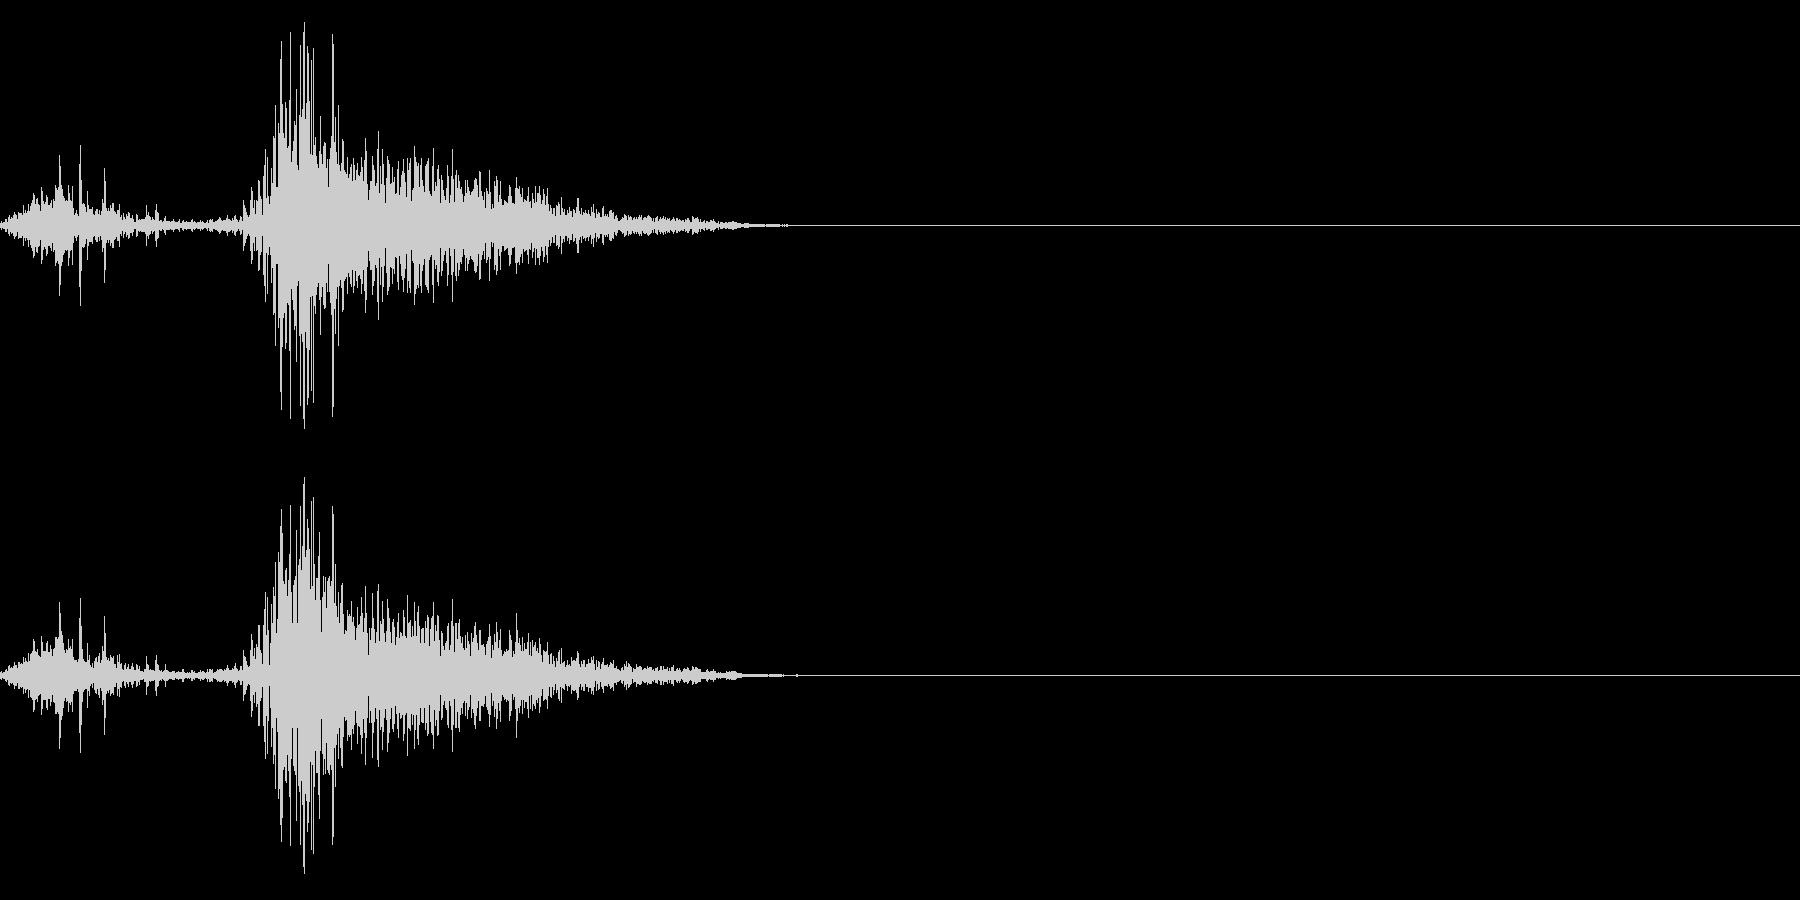 くしゃみの効果音(日本人/女性)02の未再生の波形